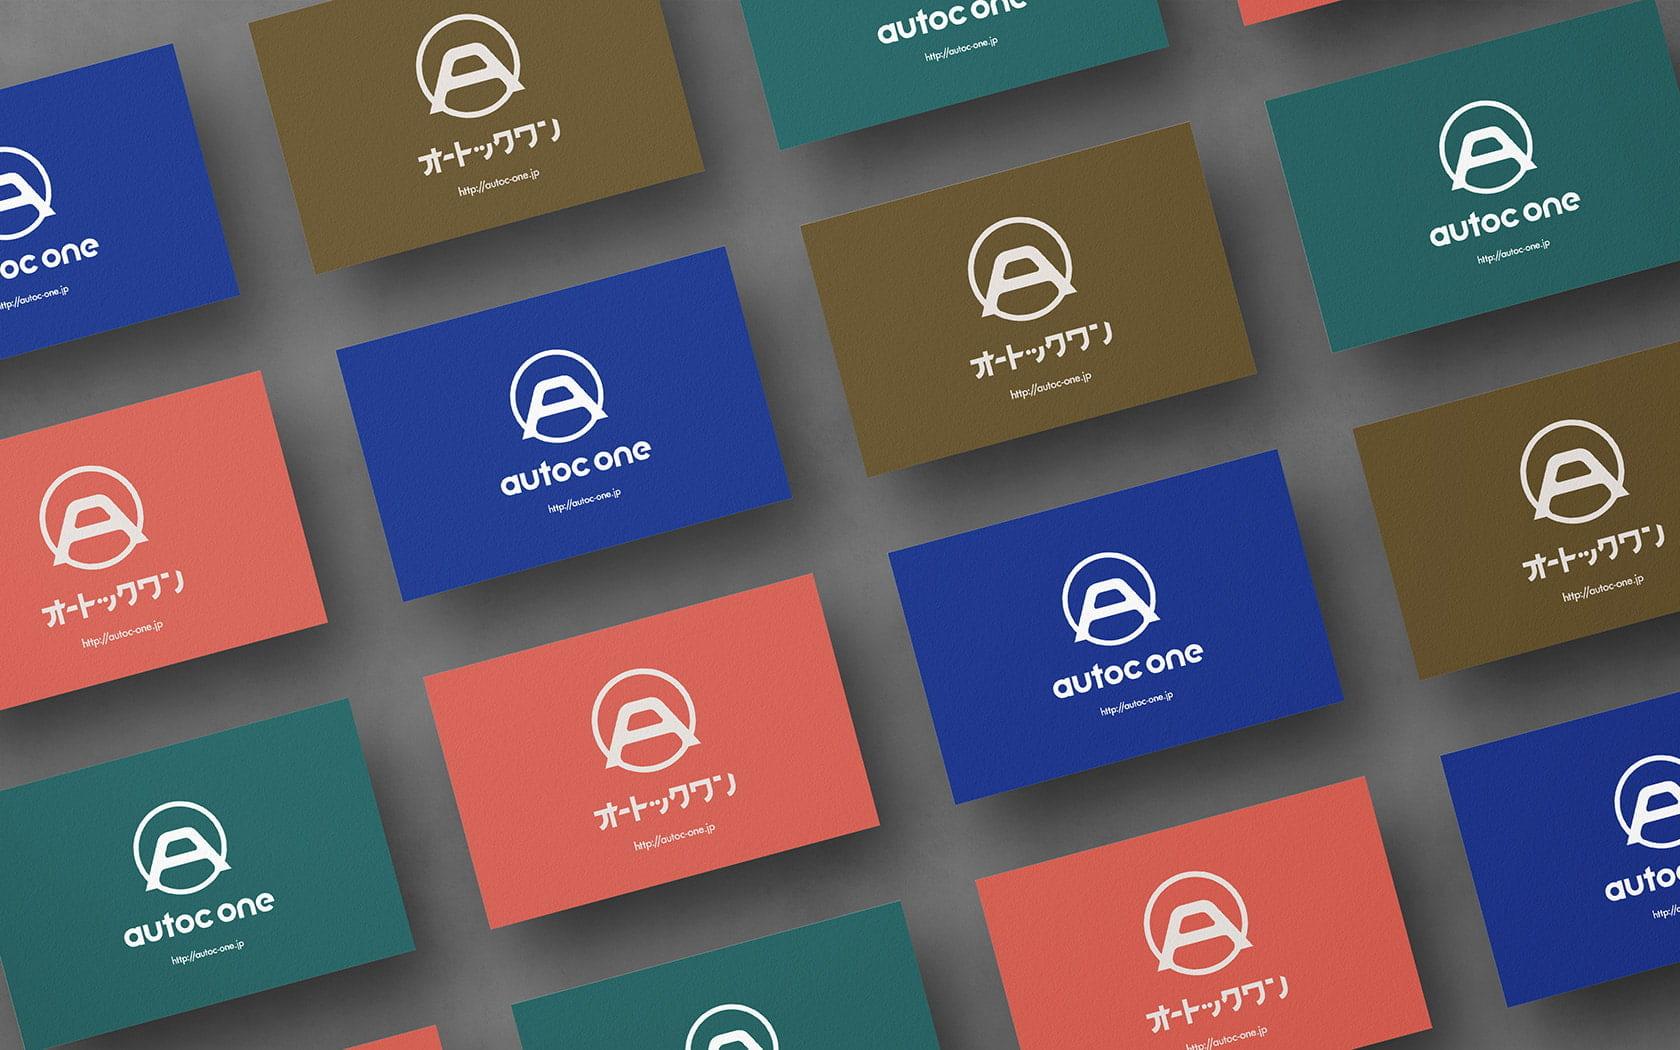 autocone_namecard